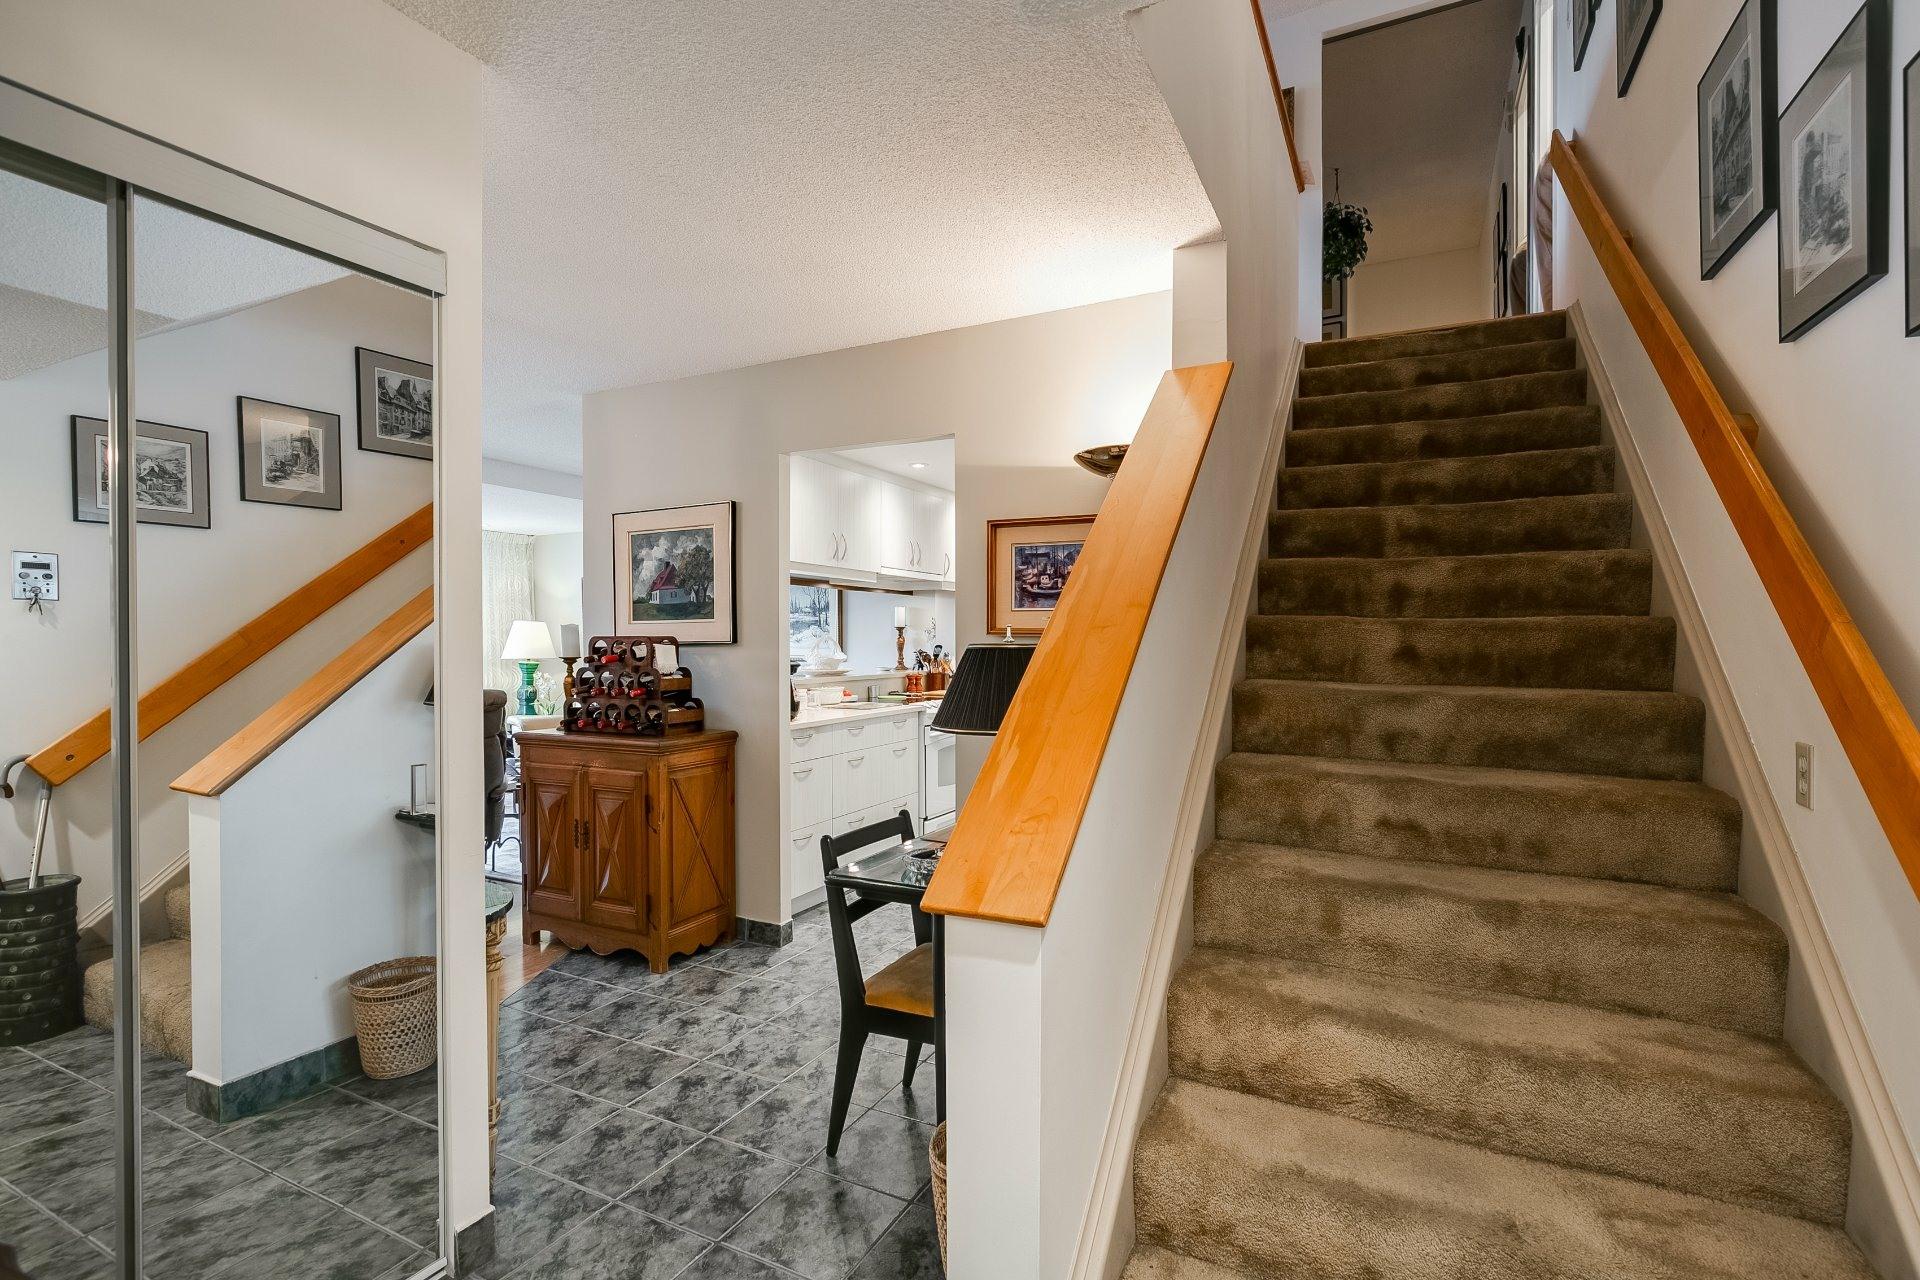 image 2 - Appartement À vendre Montréal Verdun/Île-des-Soeurs  - 6 pièces